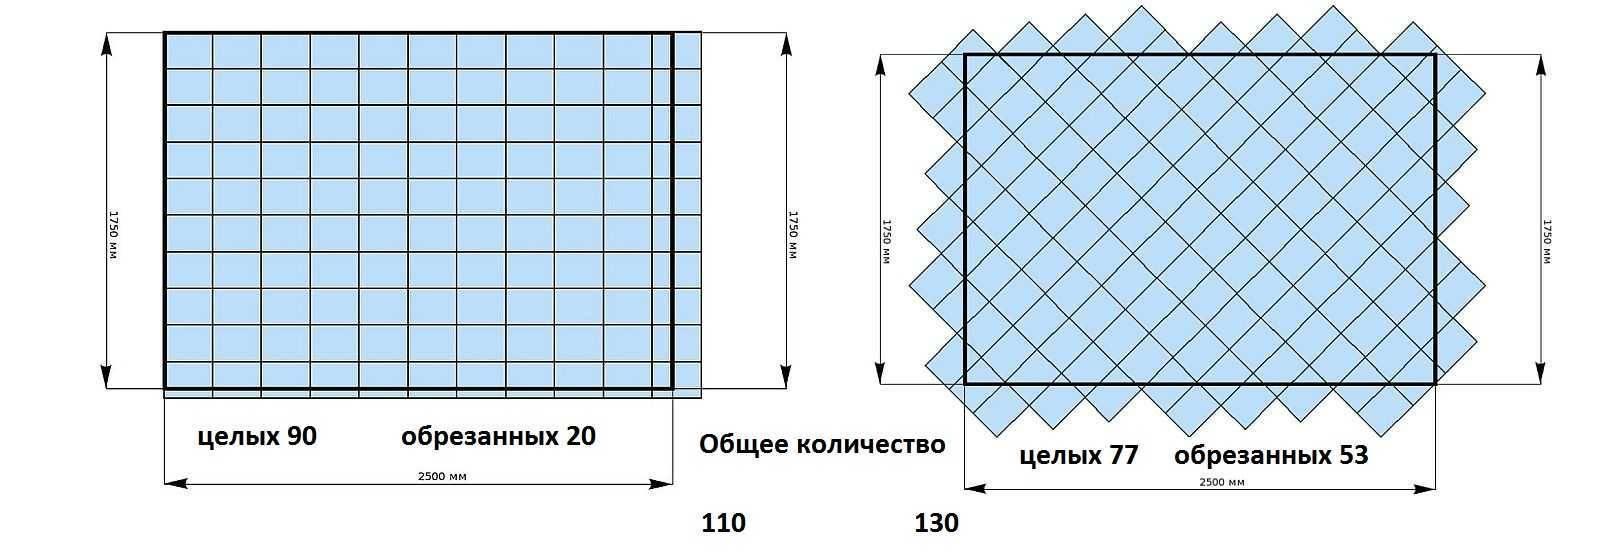 Размер половой плитки важный параметр влияющий на выбор